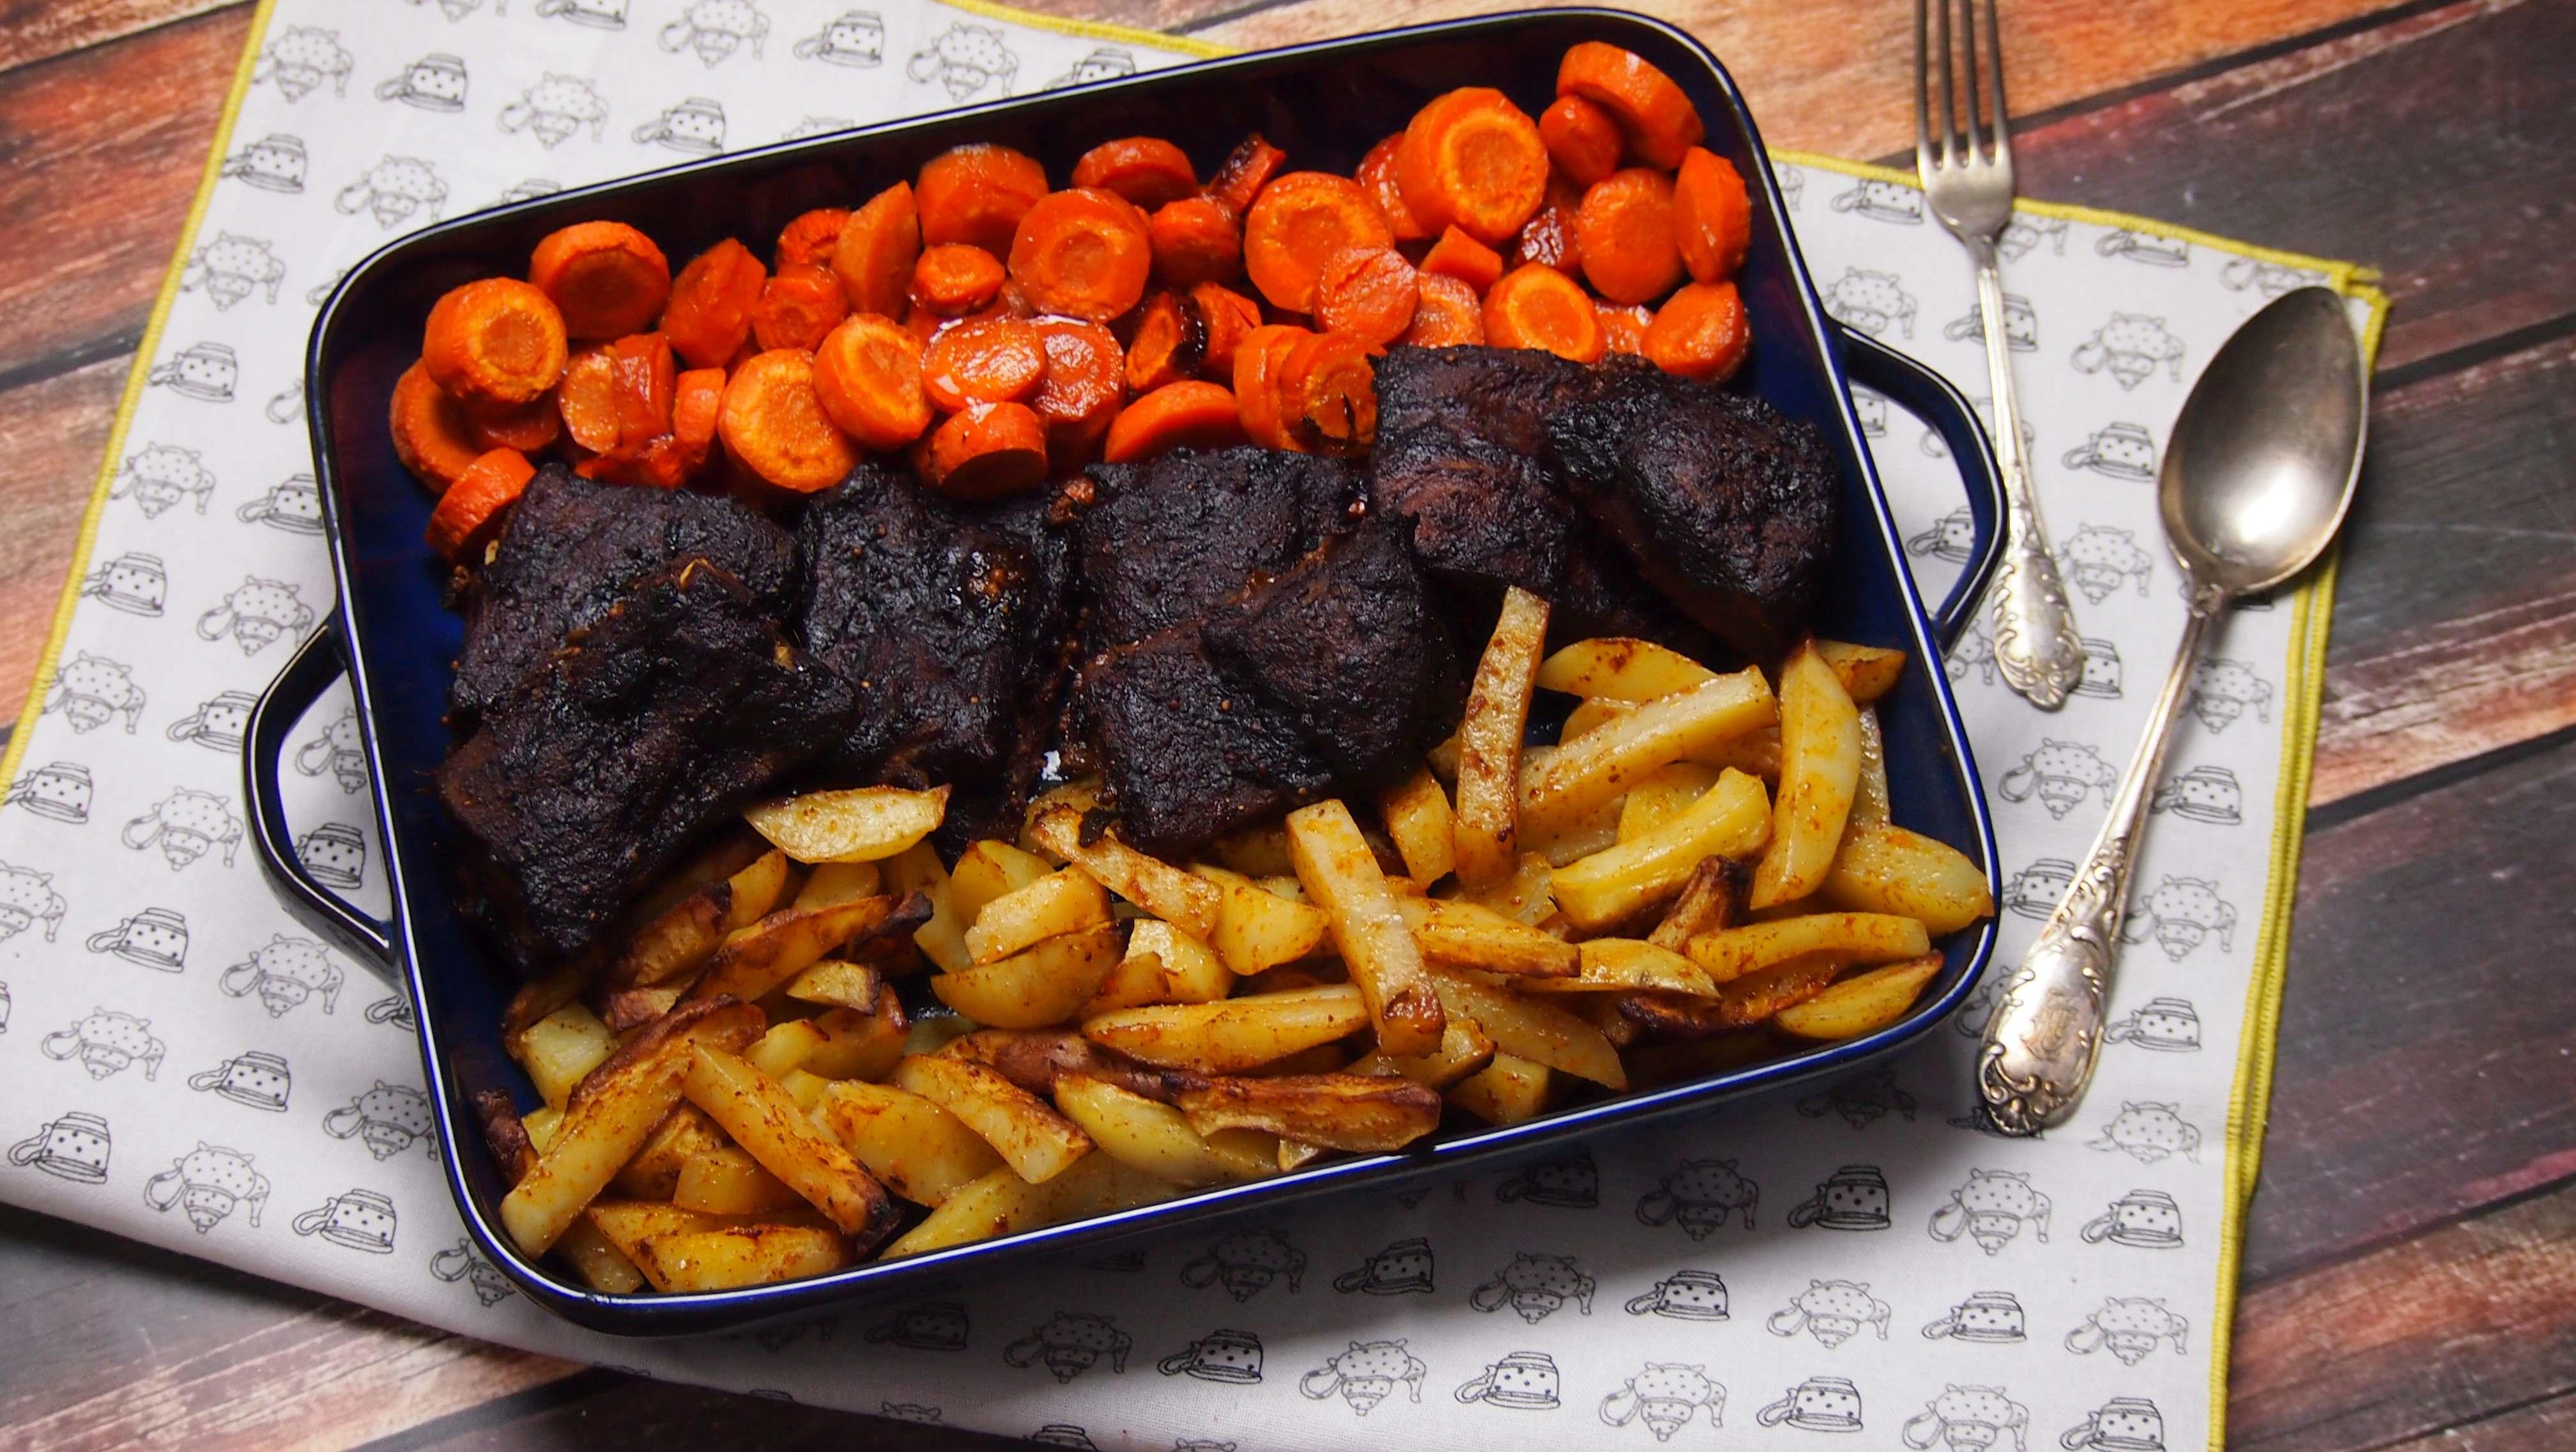 Żeberka wolno pieczone w sosie barbecue